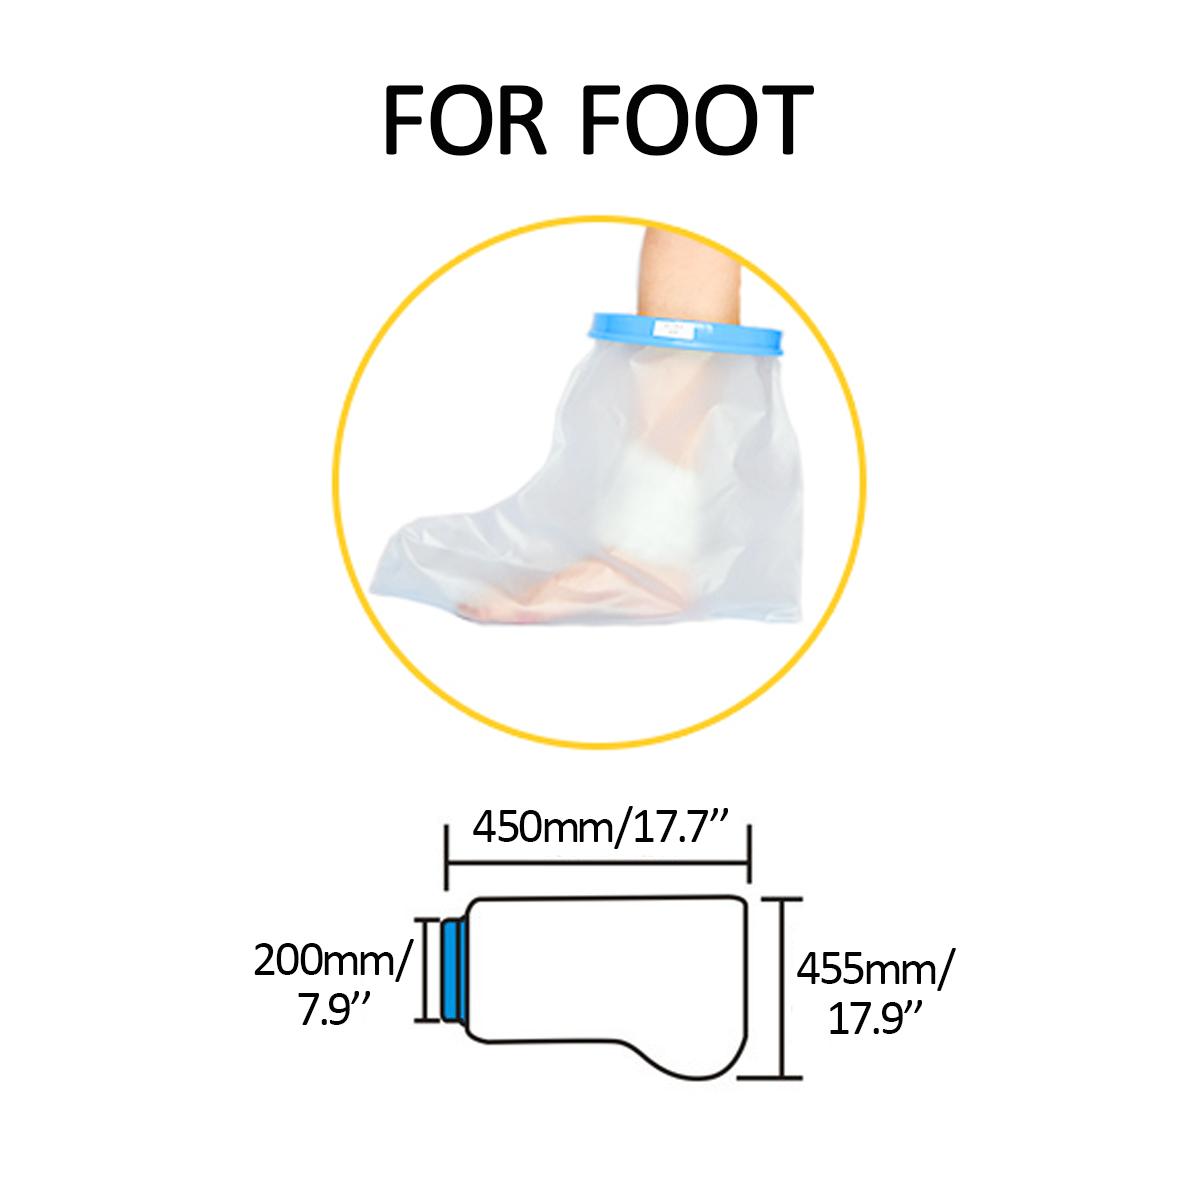 Литая повязка Водонепроницаемы Защитная крышка Душ для ванны Для взрослых Короткая ножка, многоразовая, для руки, ноги, - фото 5